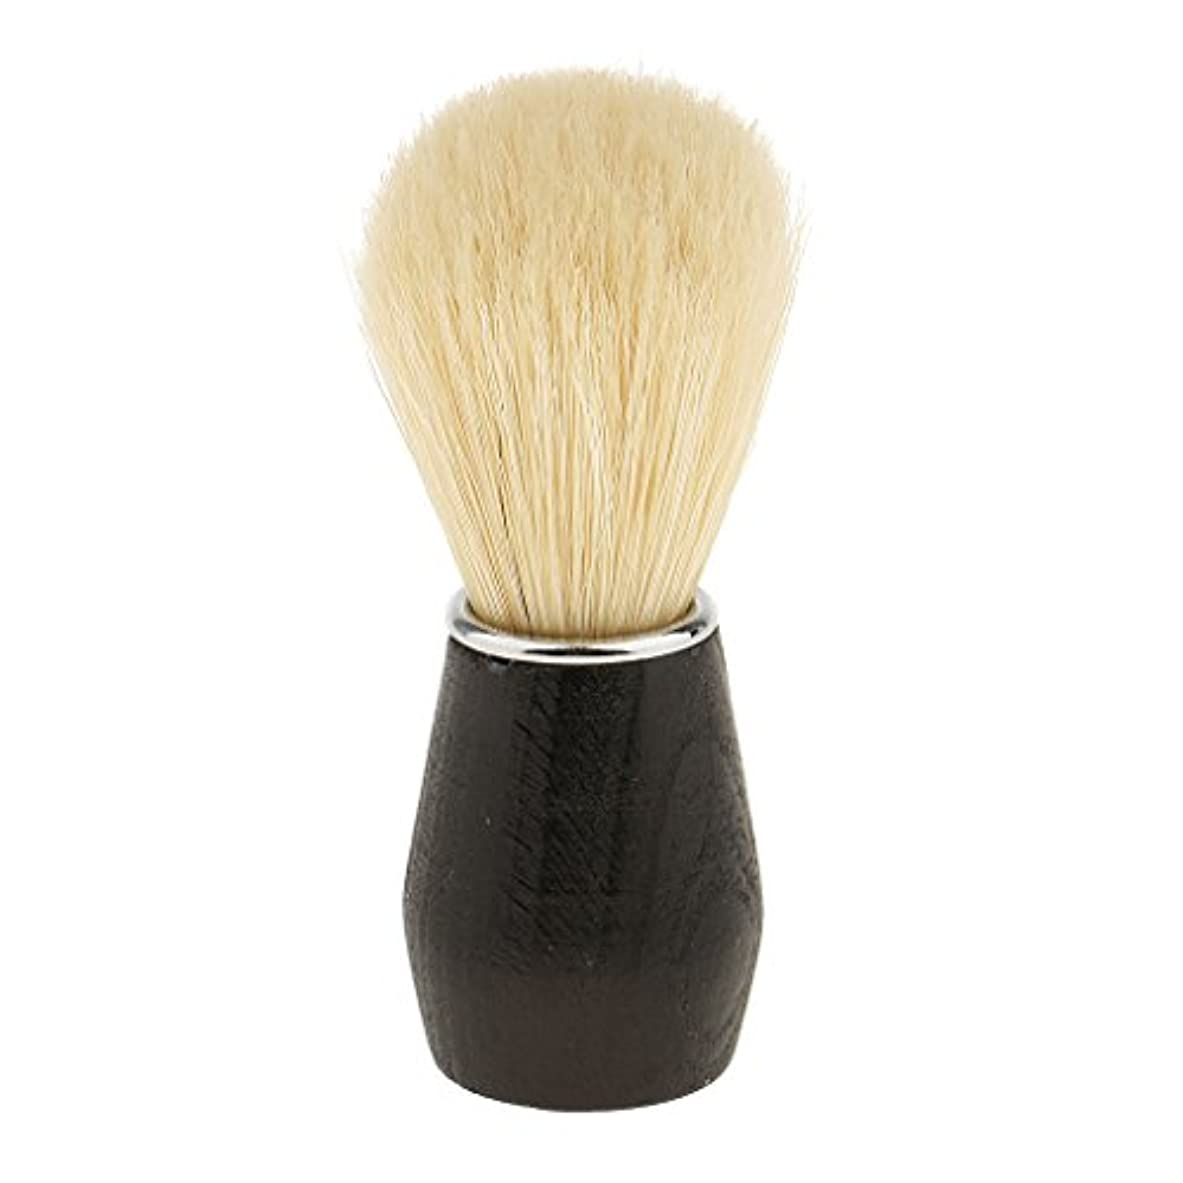 観察する完璧な媒染剤Hellery ひげ剃りブラシ シェービングブラシ 毛髭ブラシ フェイシャルクリーニングブラシ プラスチックハンドル